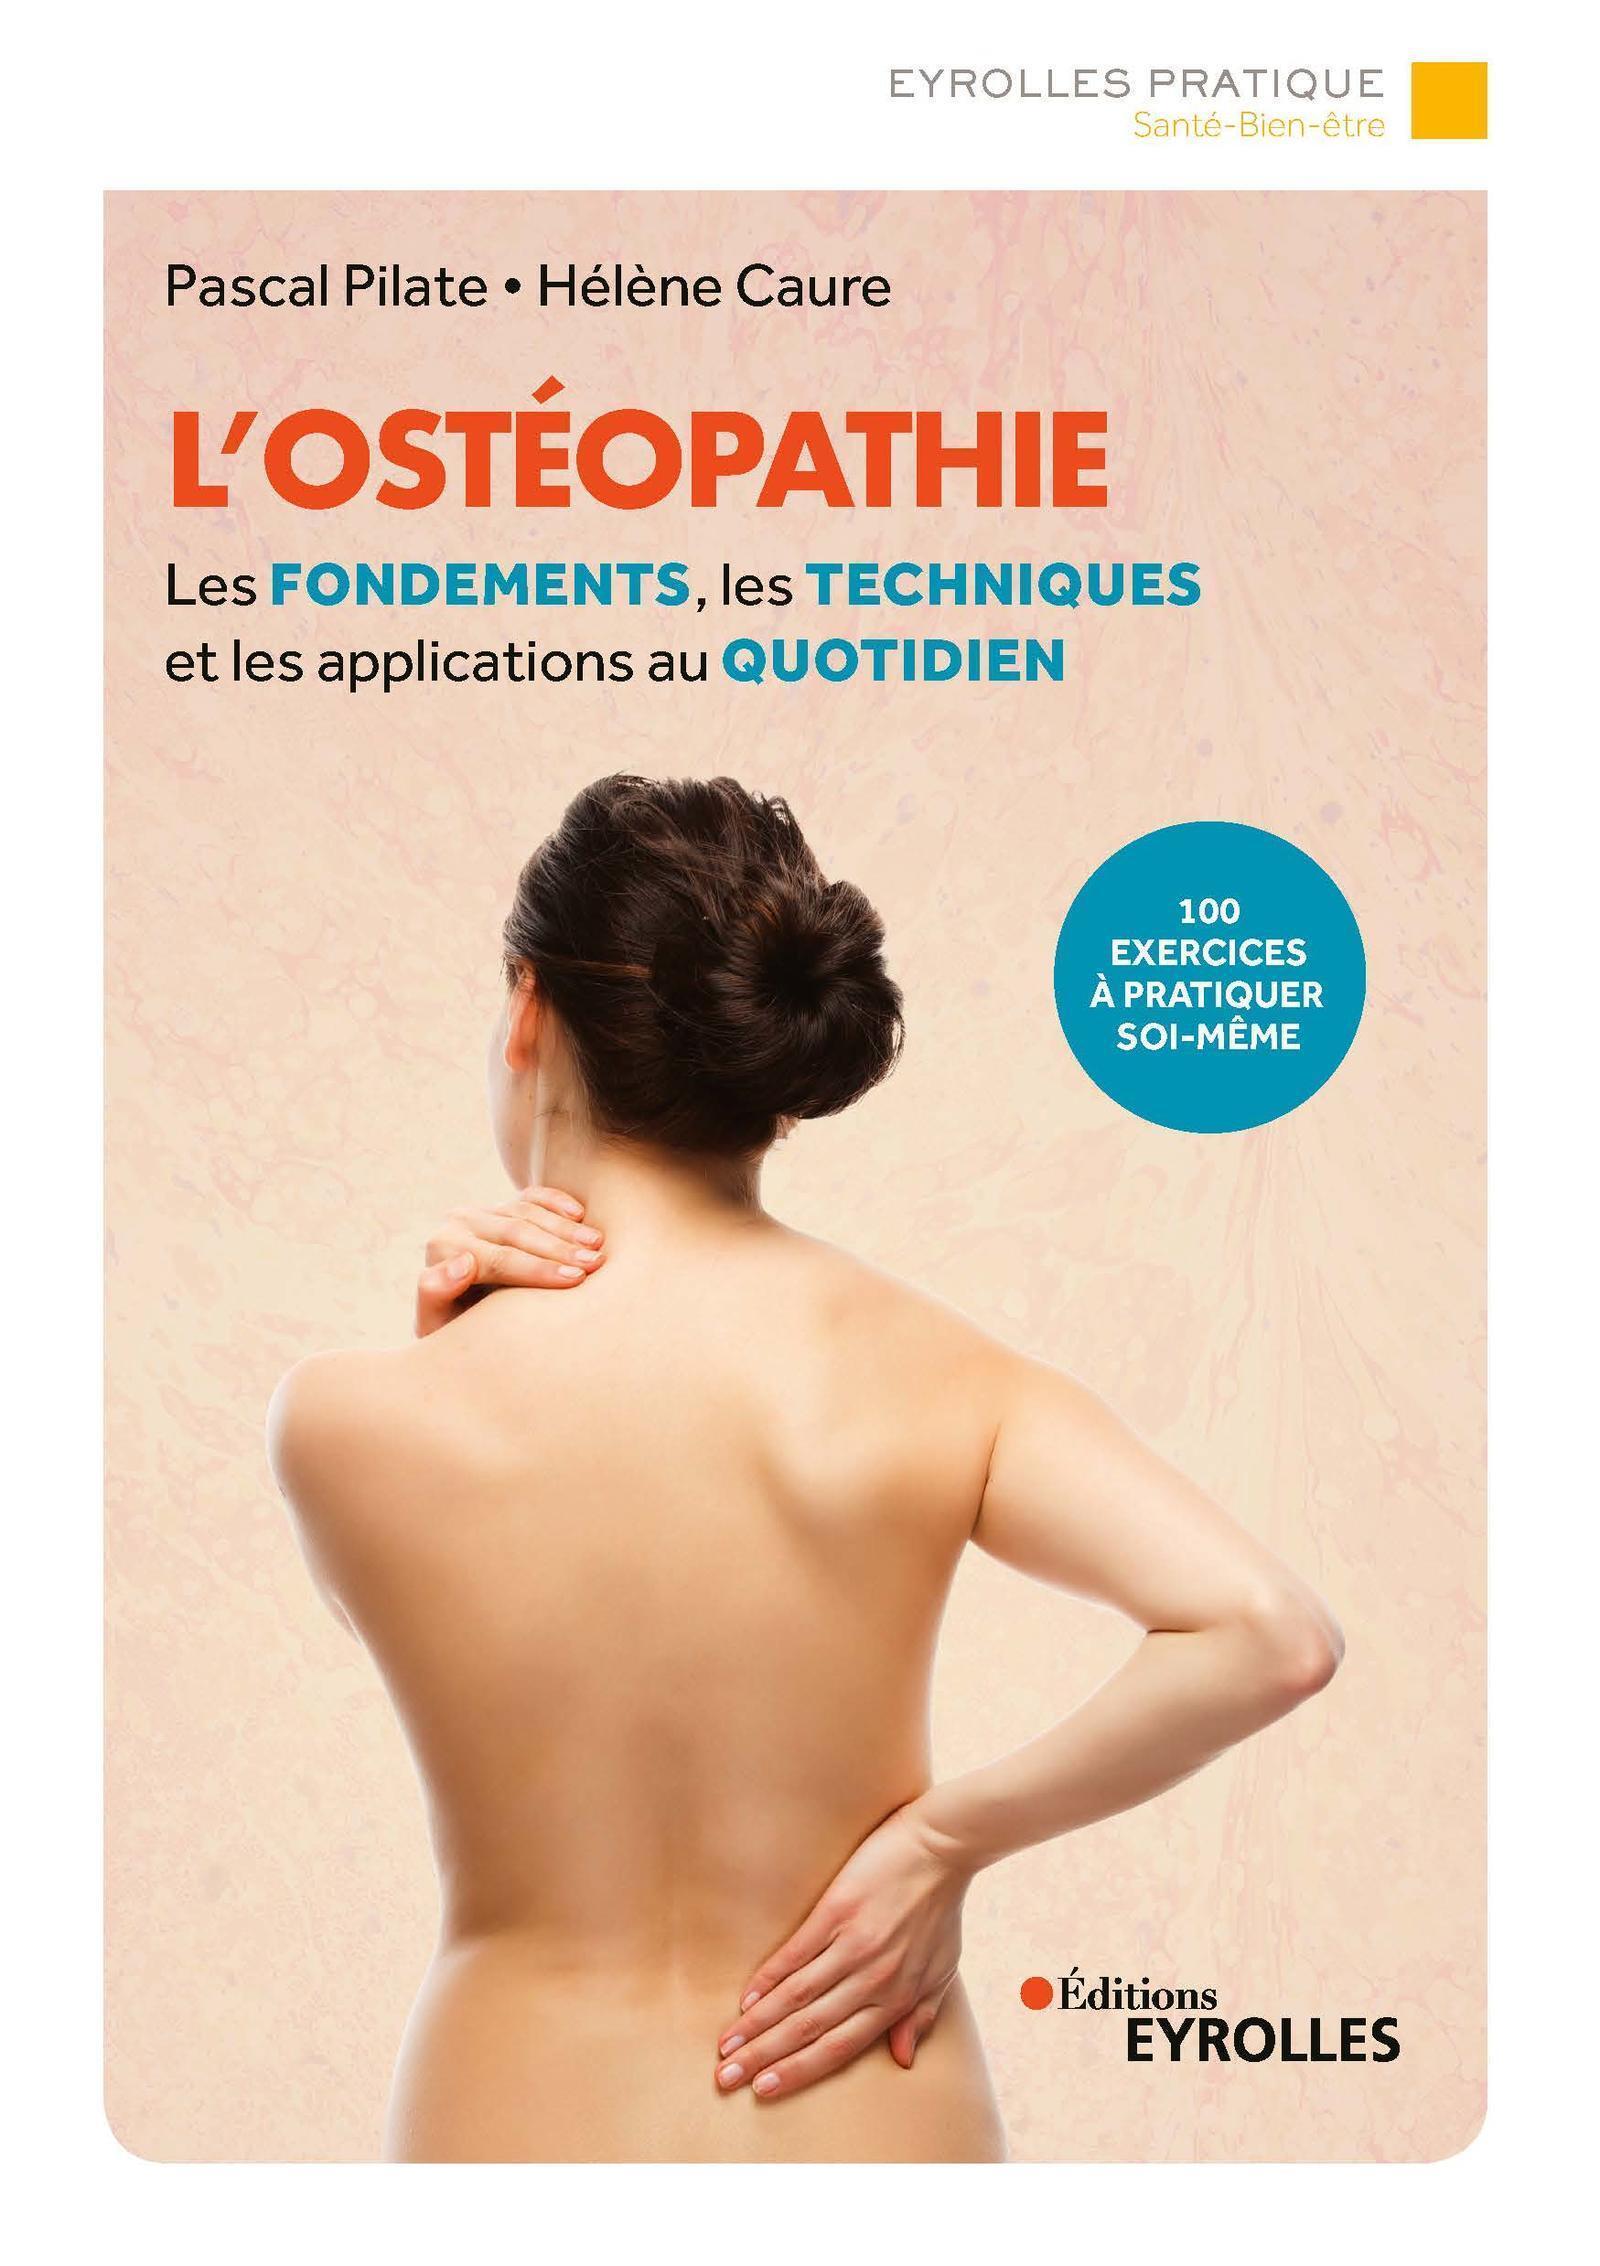 L'OSTEOPATHIE - LES FONDEMENTS, LES TECHNIQUES ET LES APPLICATIONS AU QUOTIDIEN/100 EXERCICES A PRAT